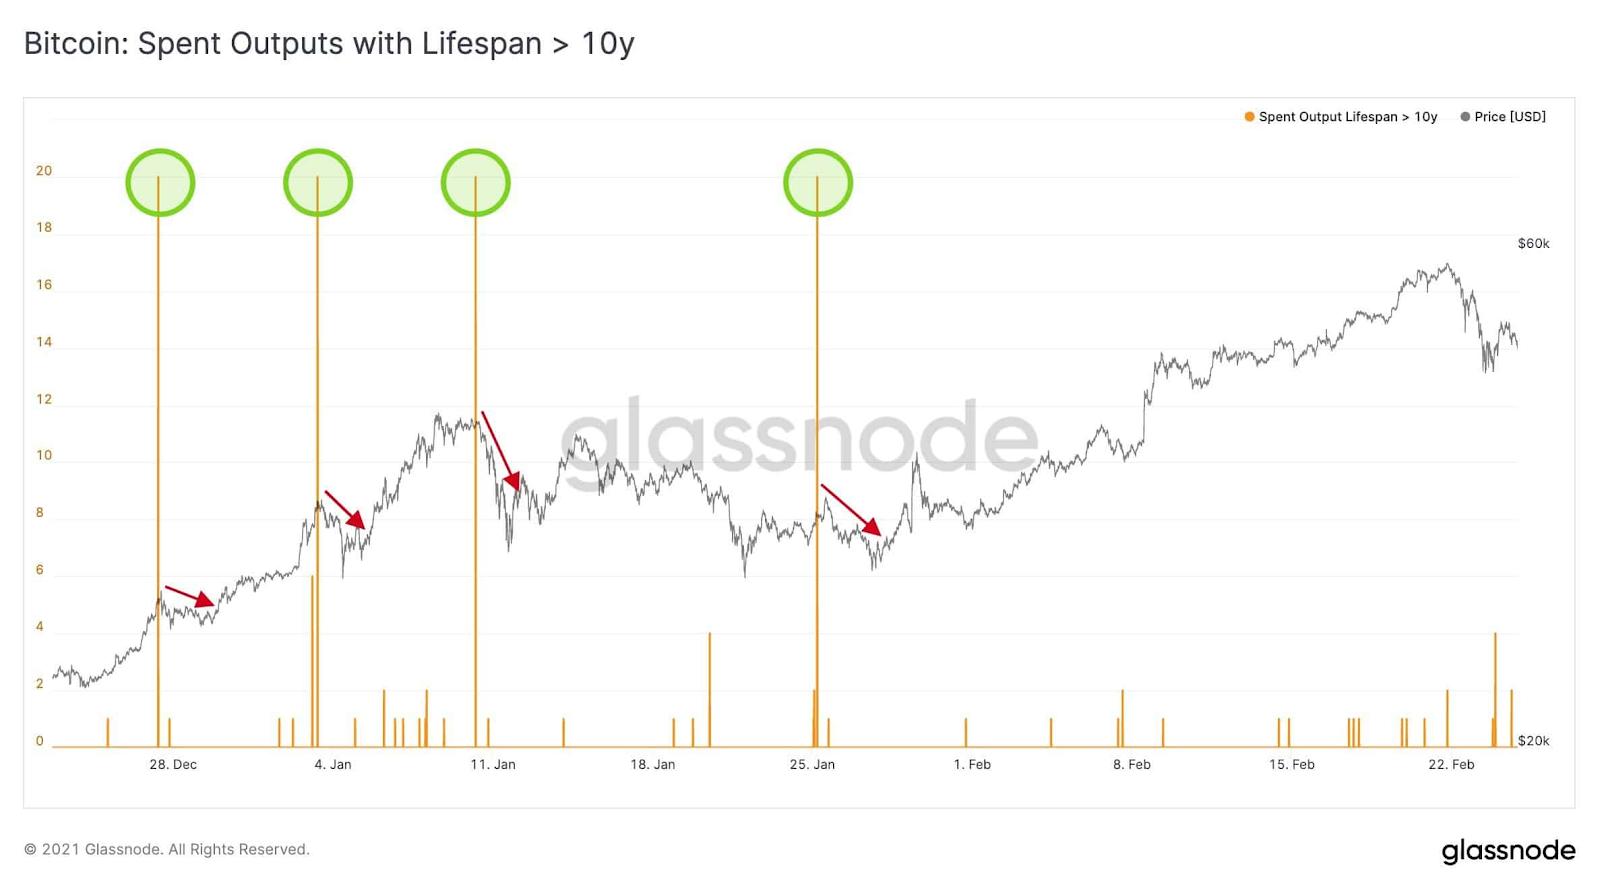 Saídas gastas de bitcoin com vida útil superior a 10 anos. Fonte: Glassnode